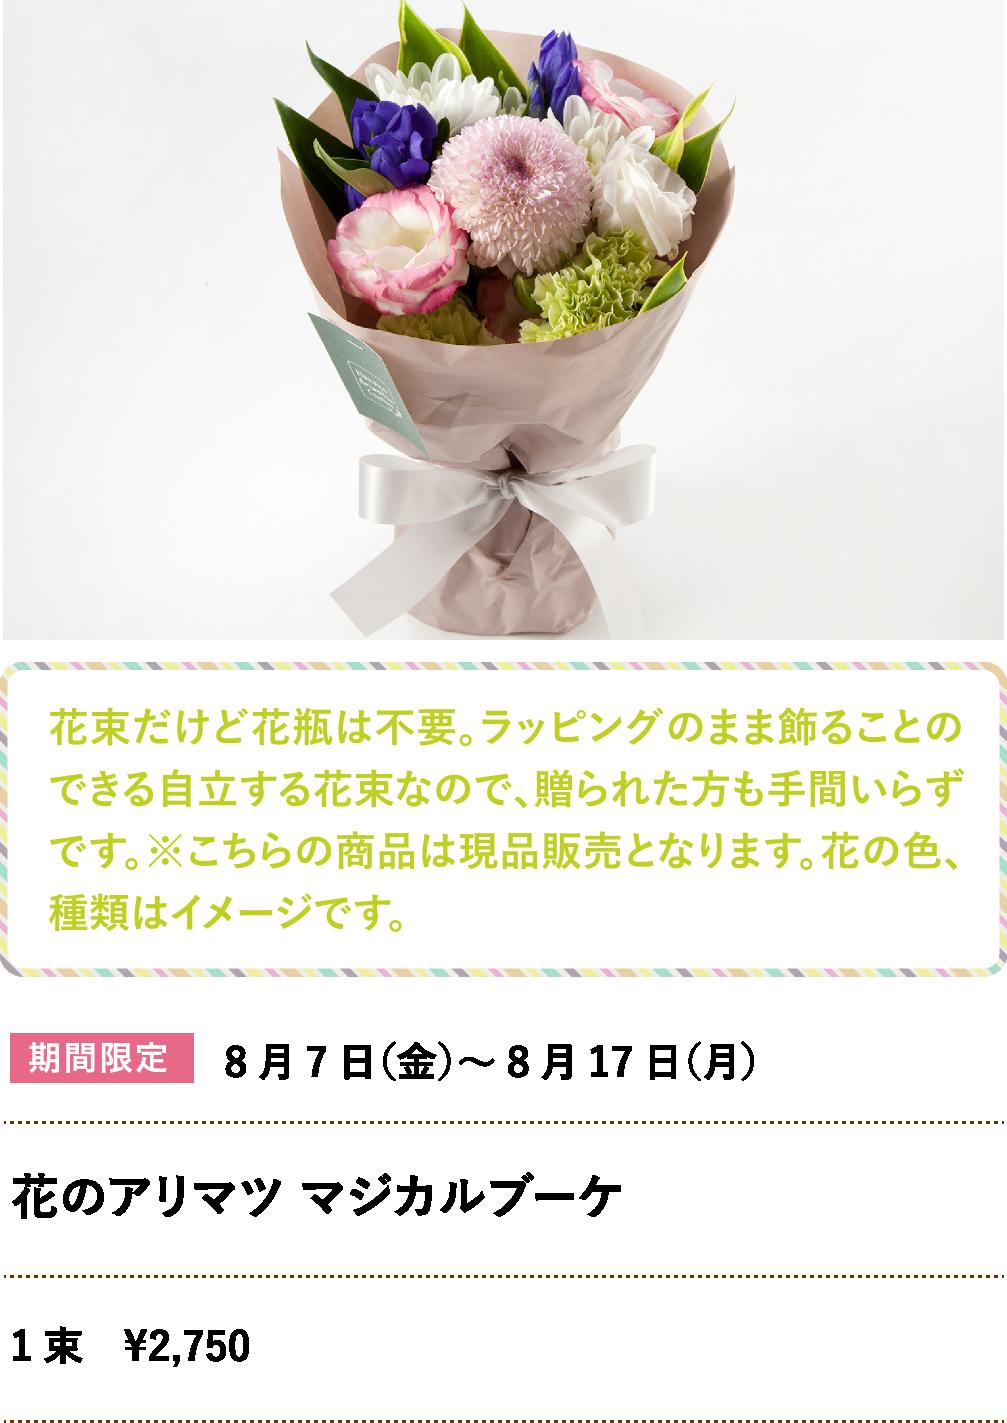 花のアリマツ マジカルブーケ